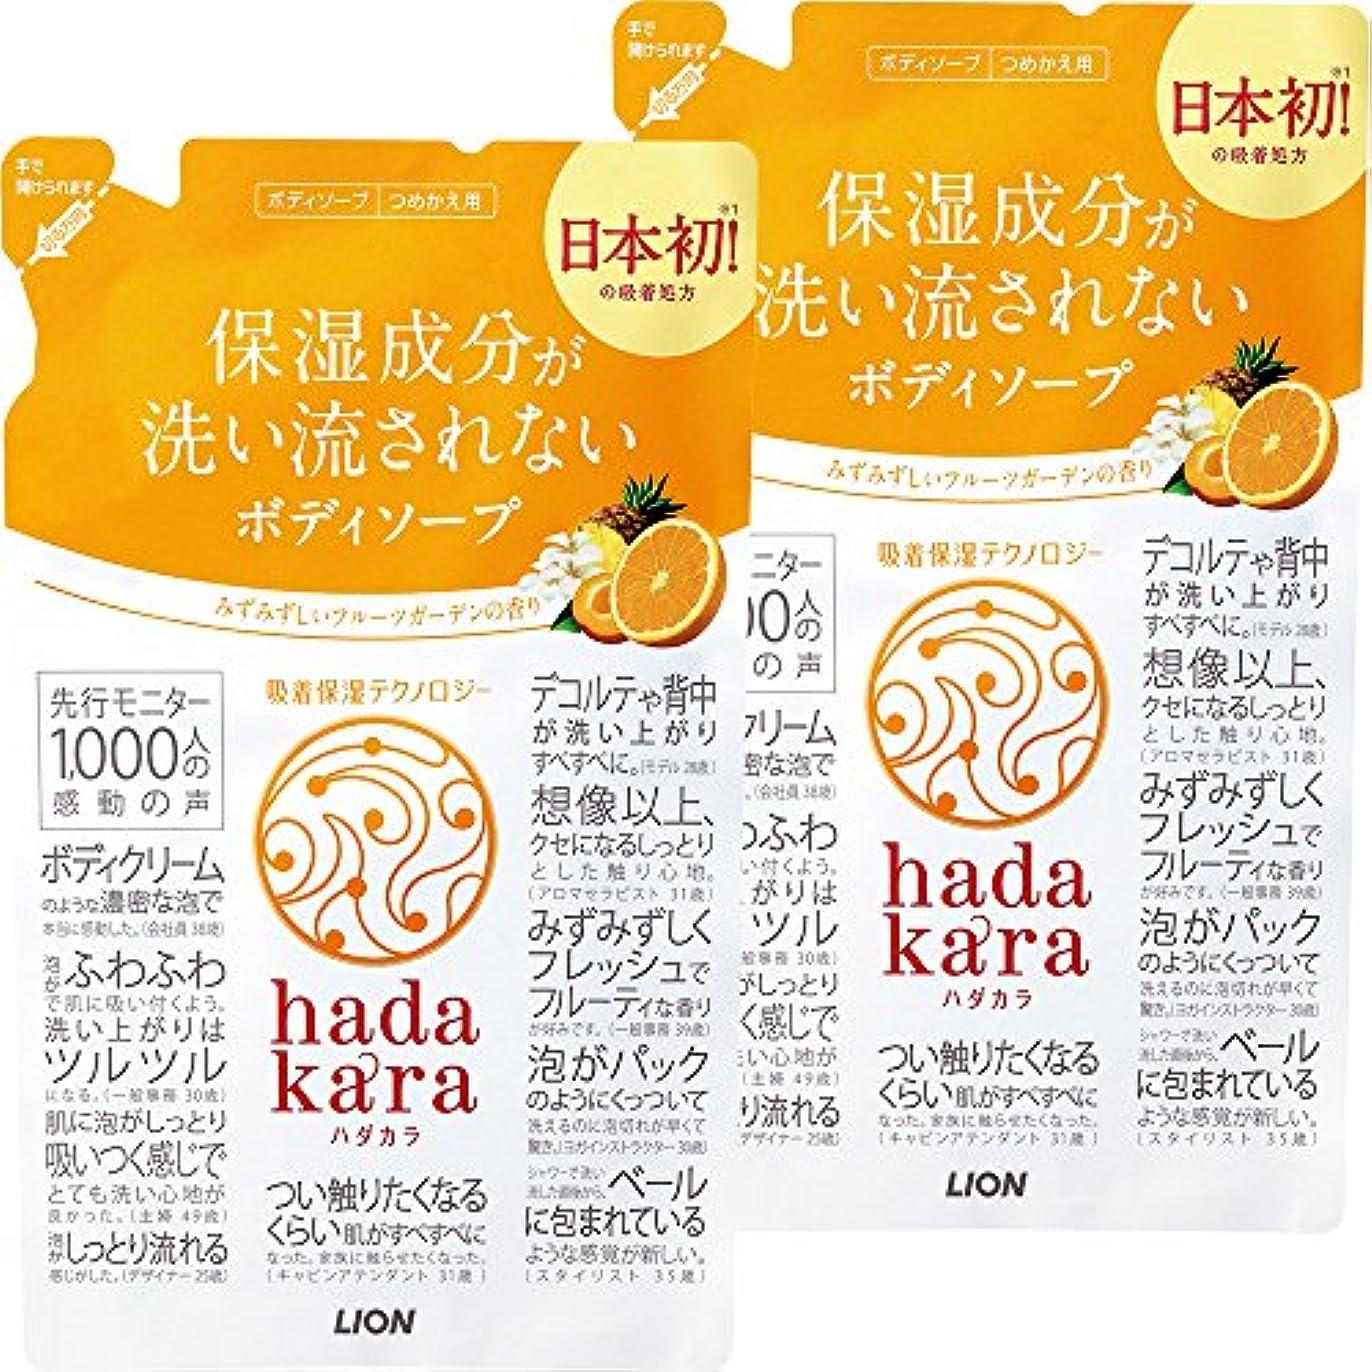 同行するハイランド大破【まとめ買い】hadakara(ハダカラ) ボディソープ フルーツガーデンの香り 詰め替え 360ml×2個パック